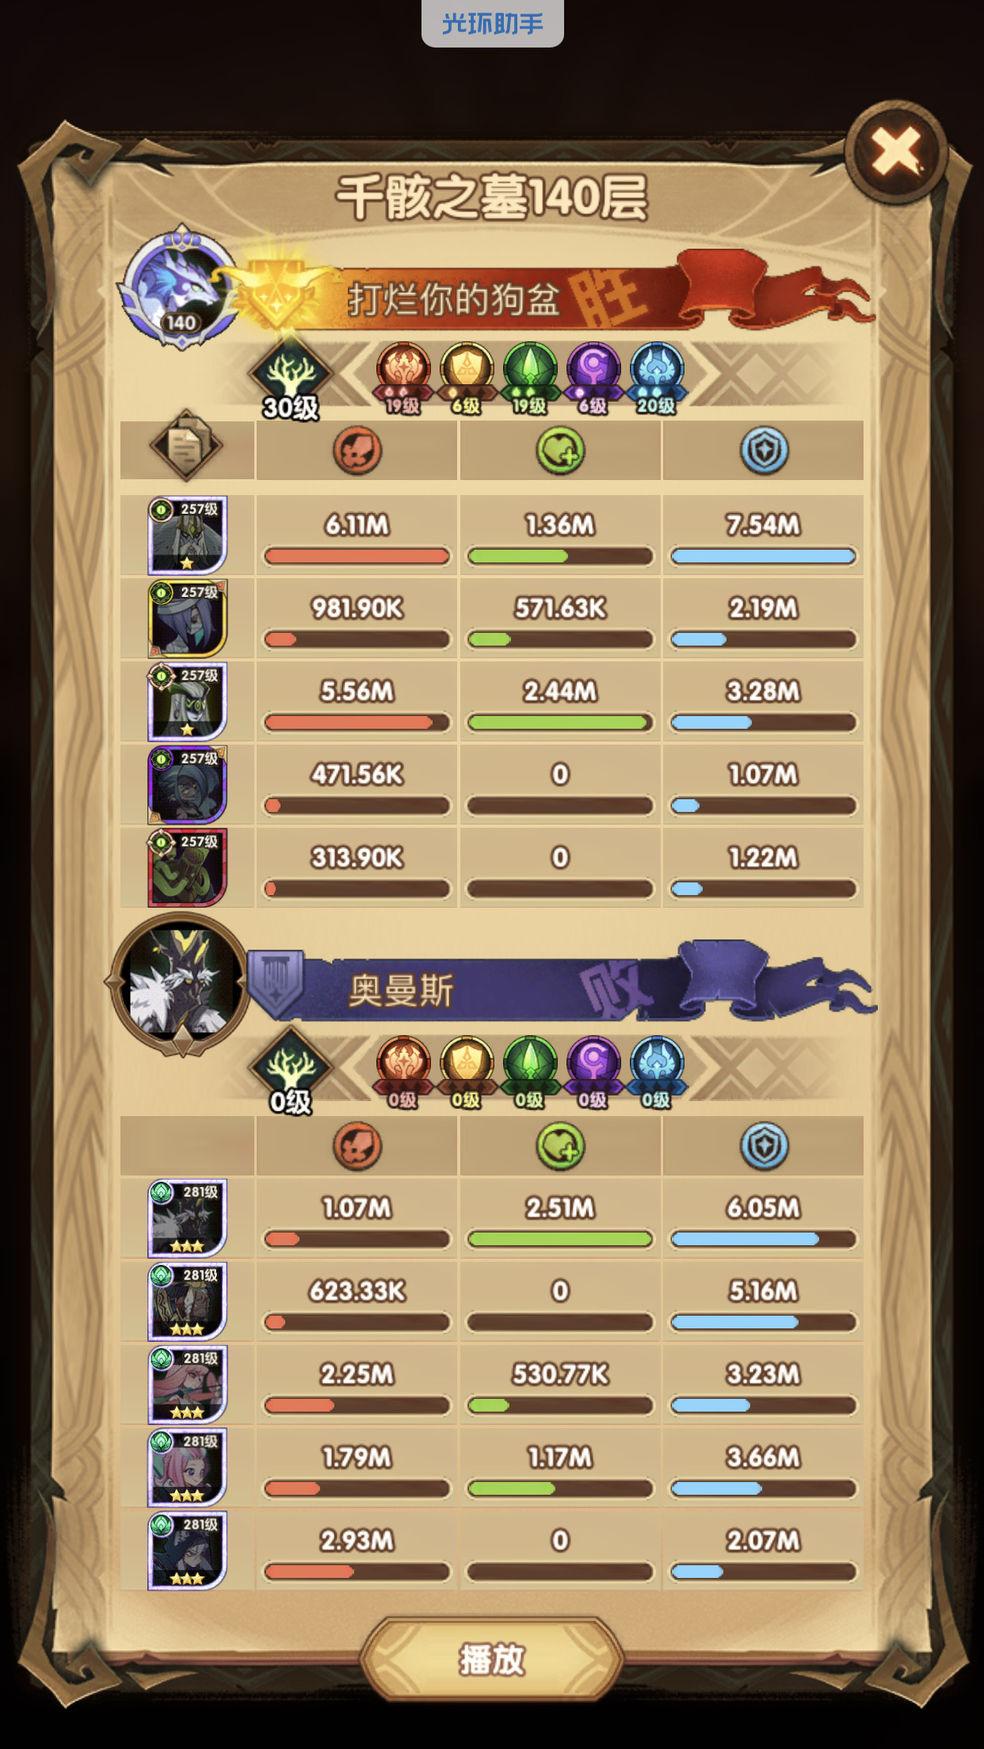 剑与远征亡灵塔140层攻略 平民阵容搭配及玩法详解